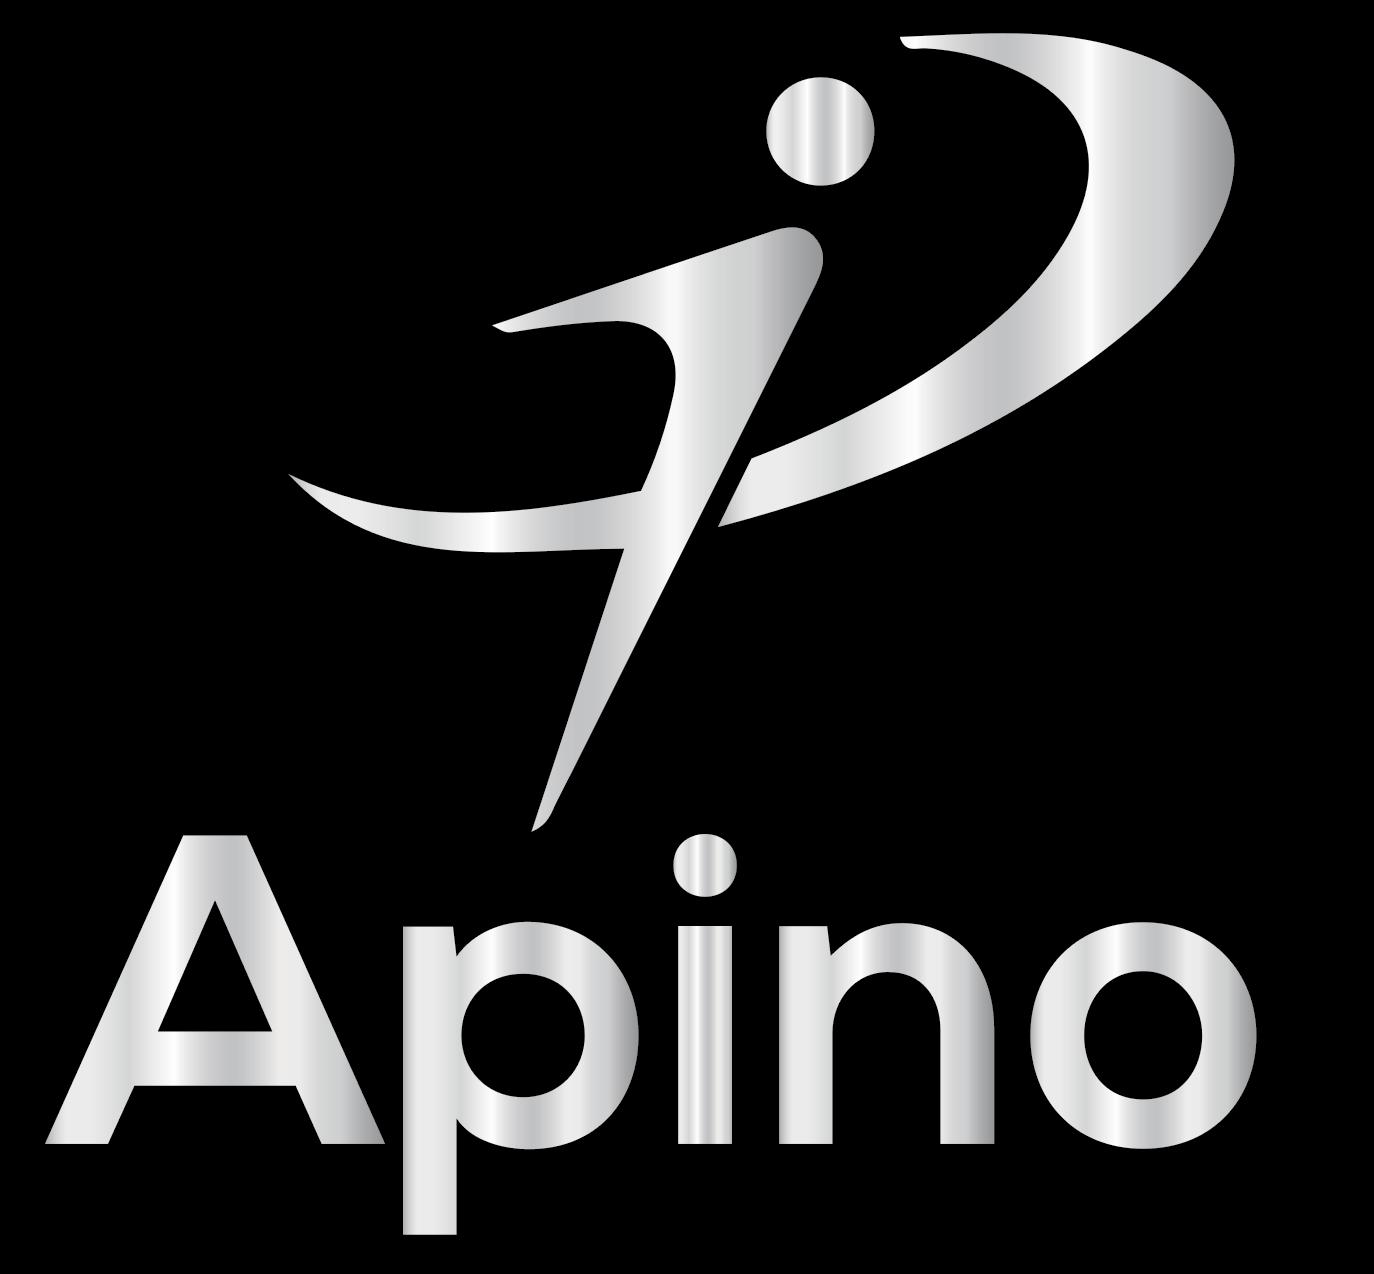 Apino | Drop bekymringerne over regnskabet og hold fokus